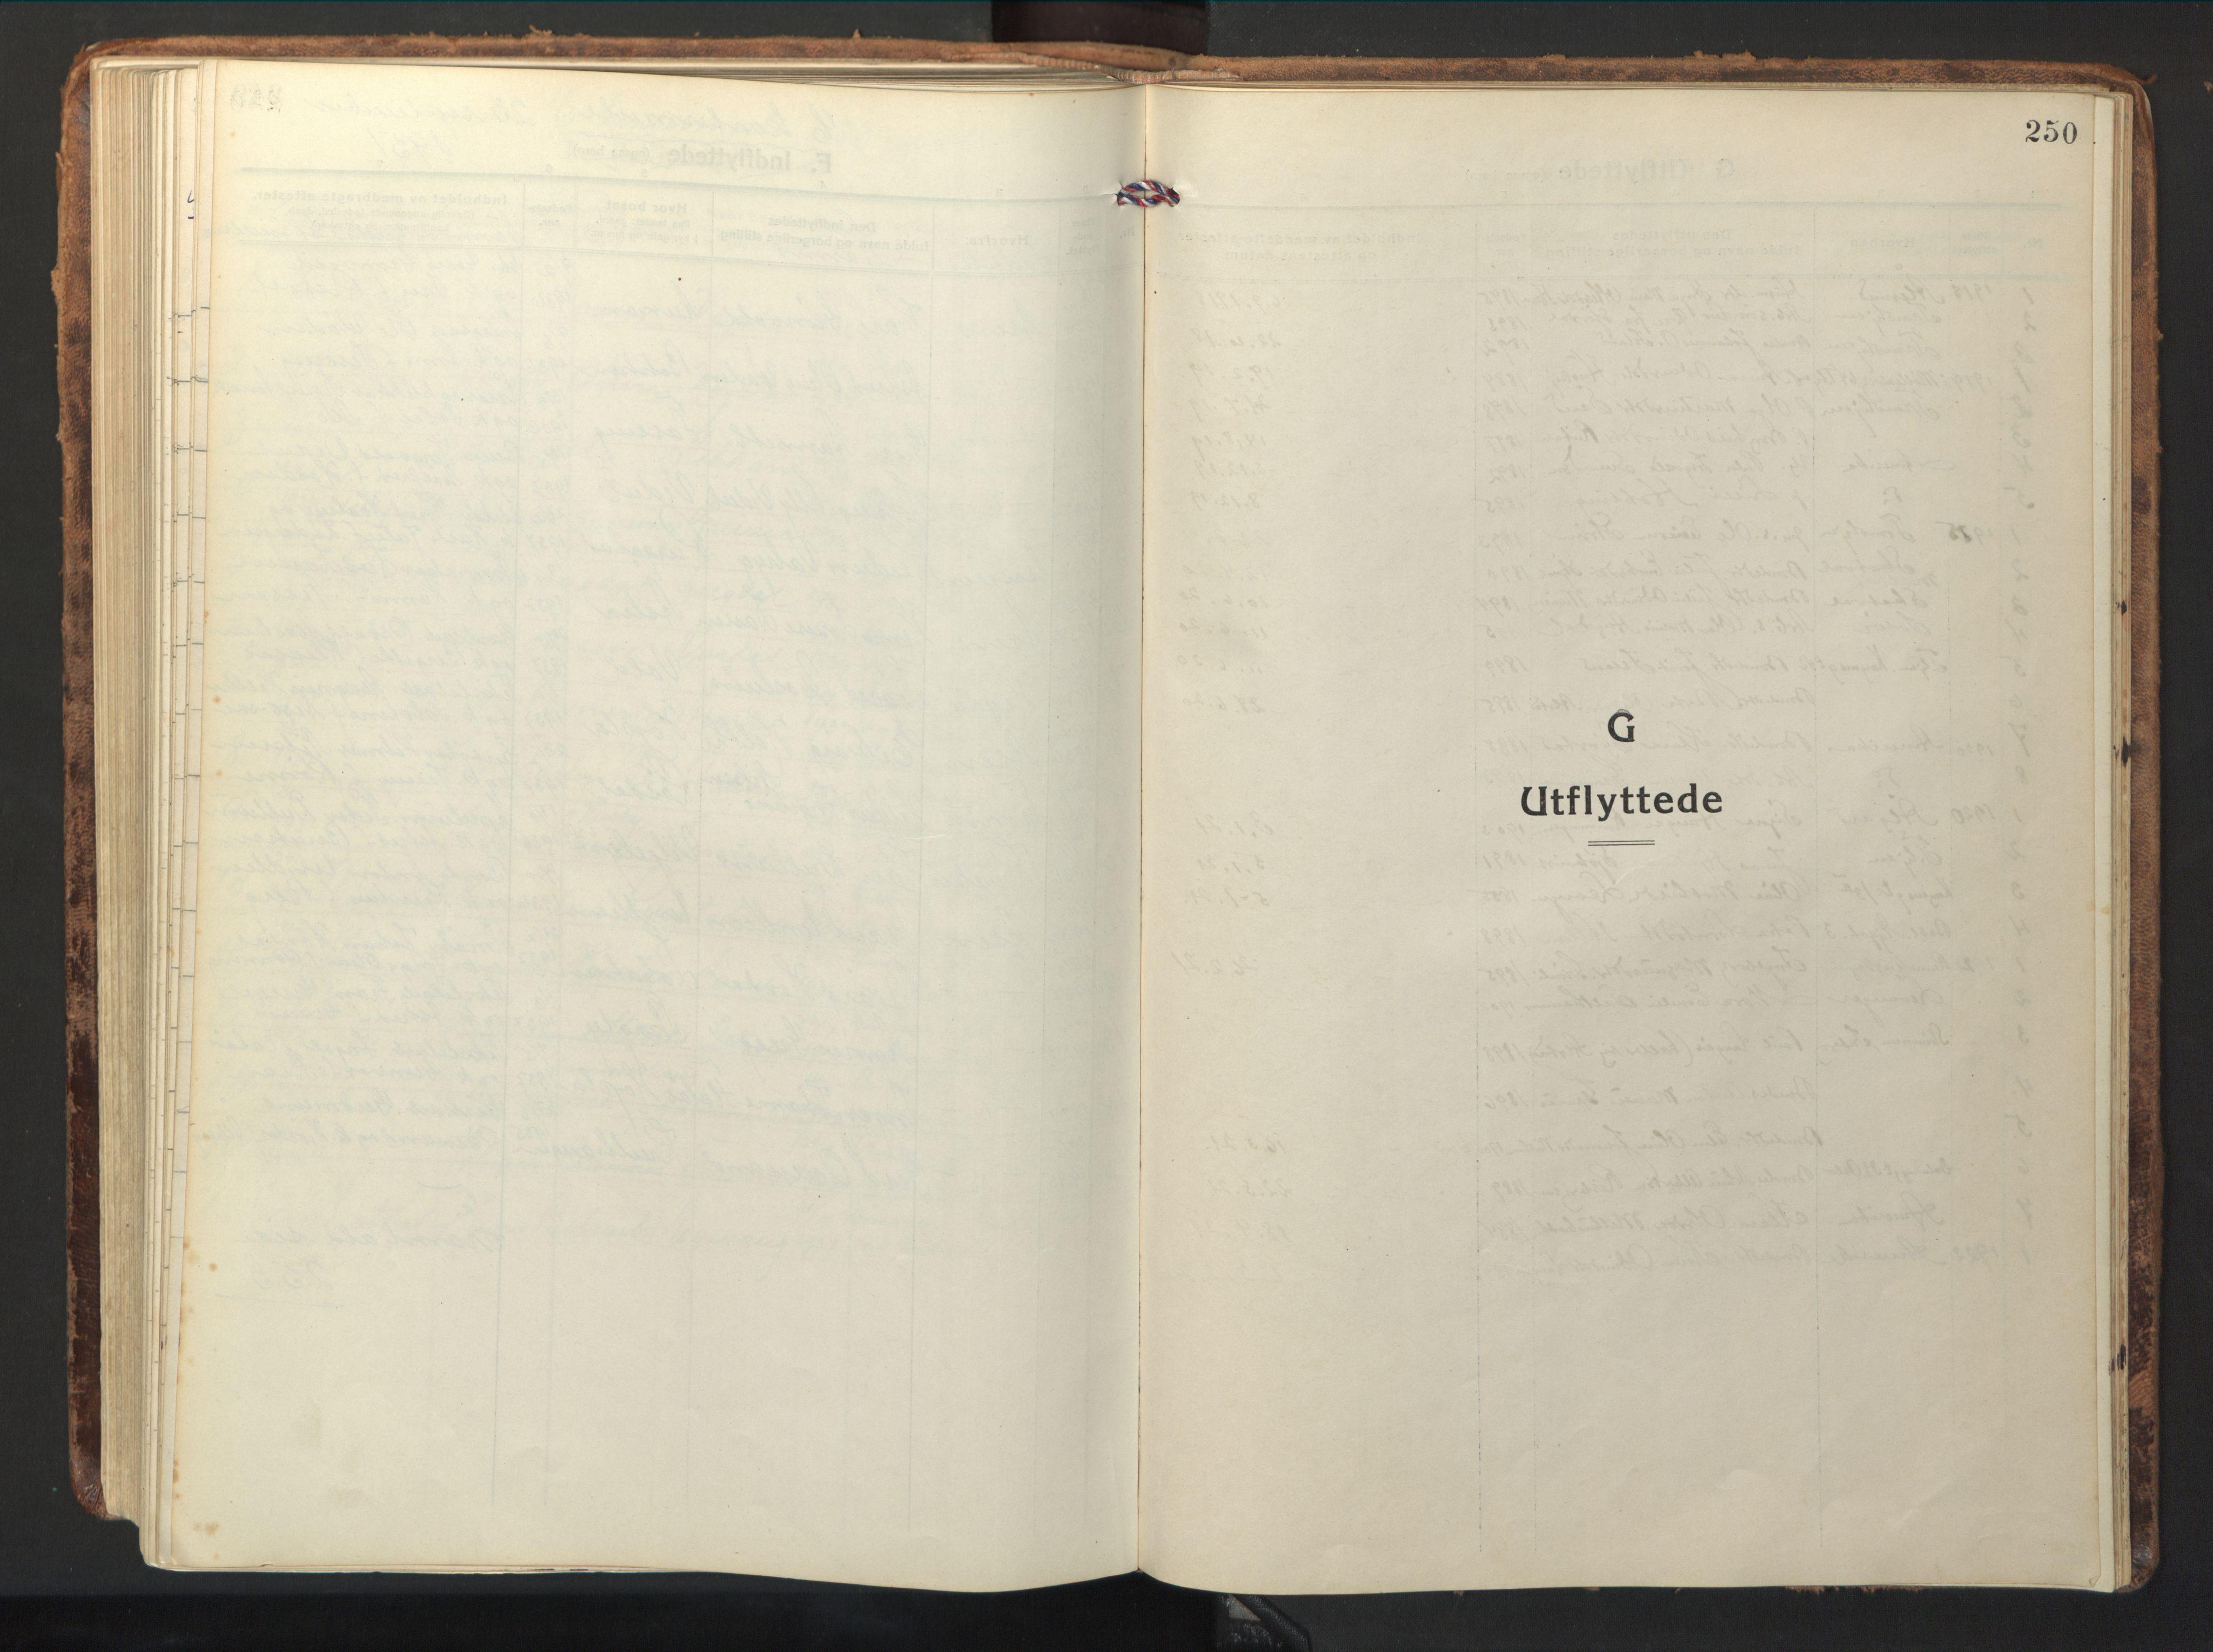 SAT, Ministerialprotokoller, klokkerbøker og fødselsregistre - Nord-Trøndelag, 714/L0136: Klokkerbok nr. 714C05, 1918-1957, s. 250